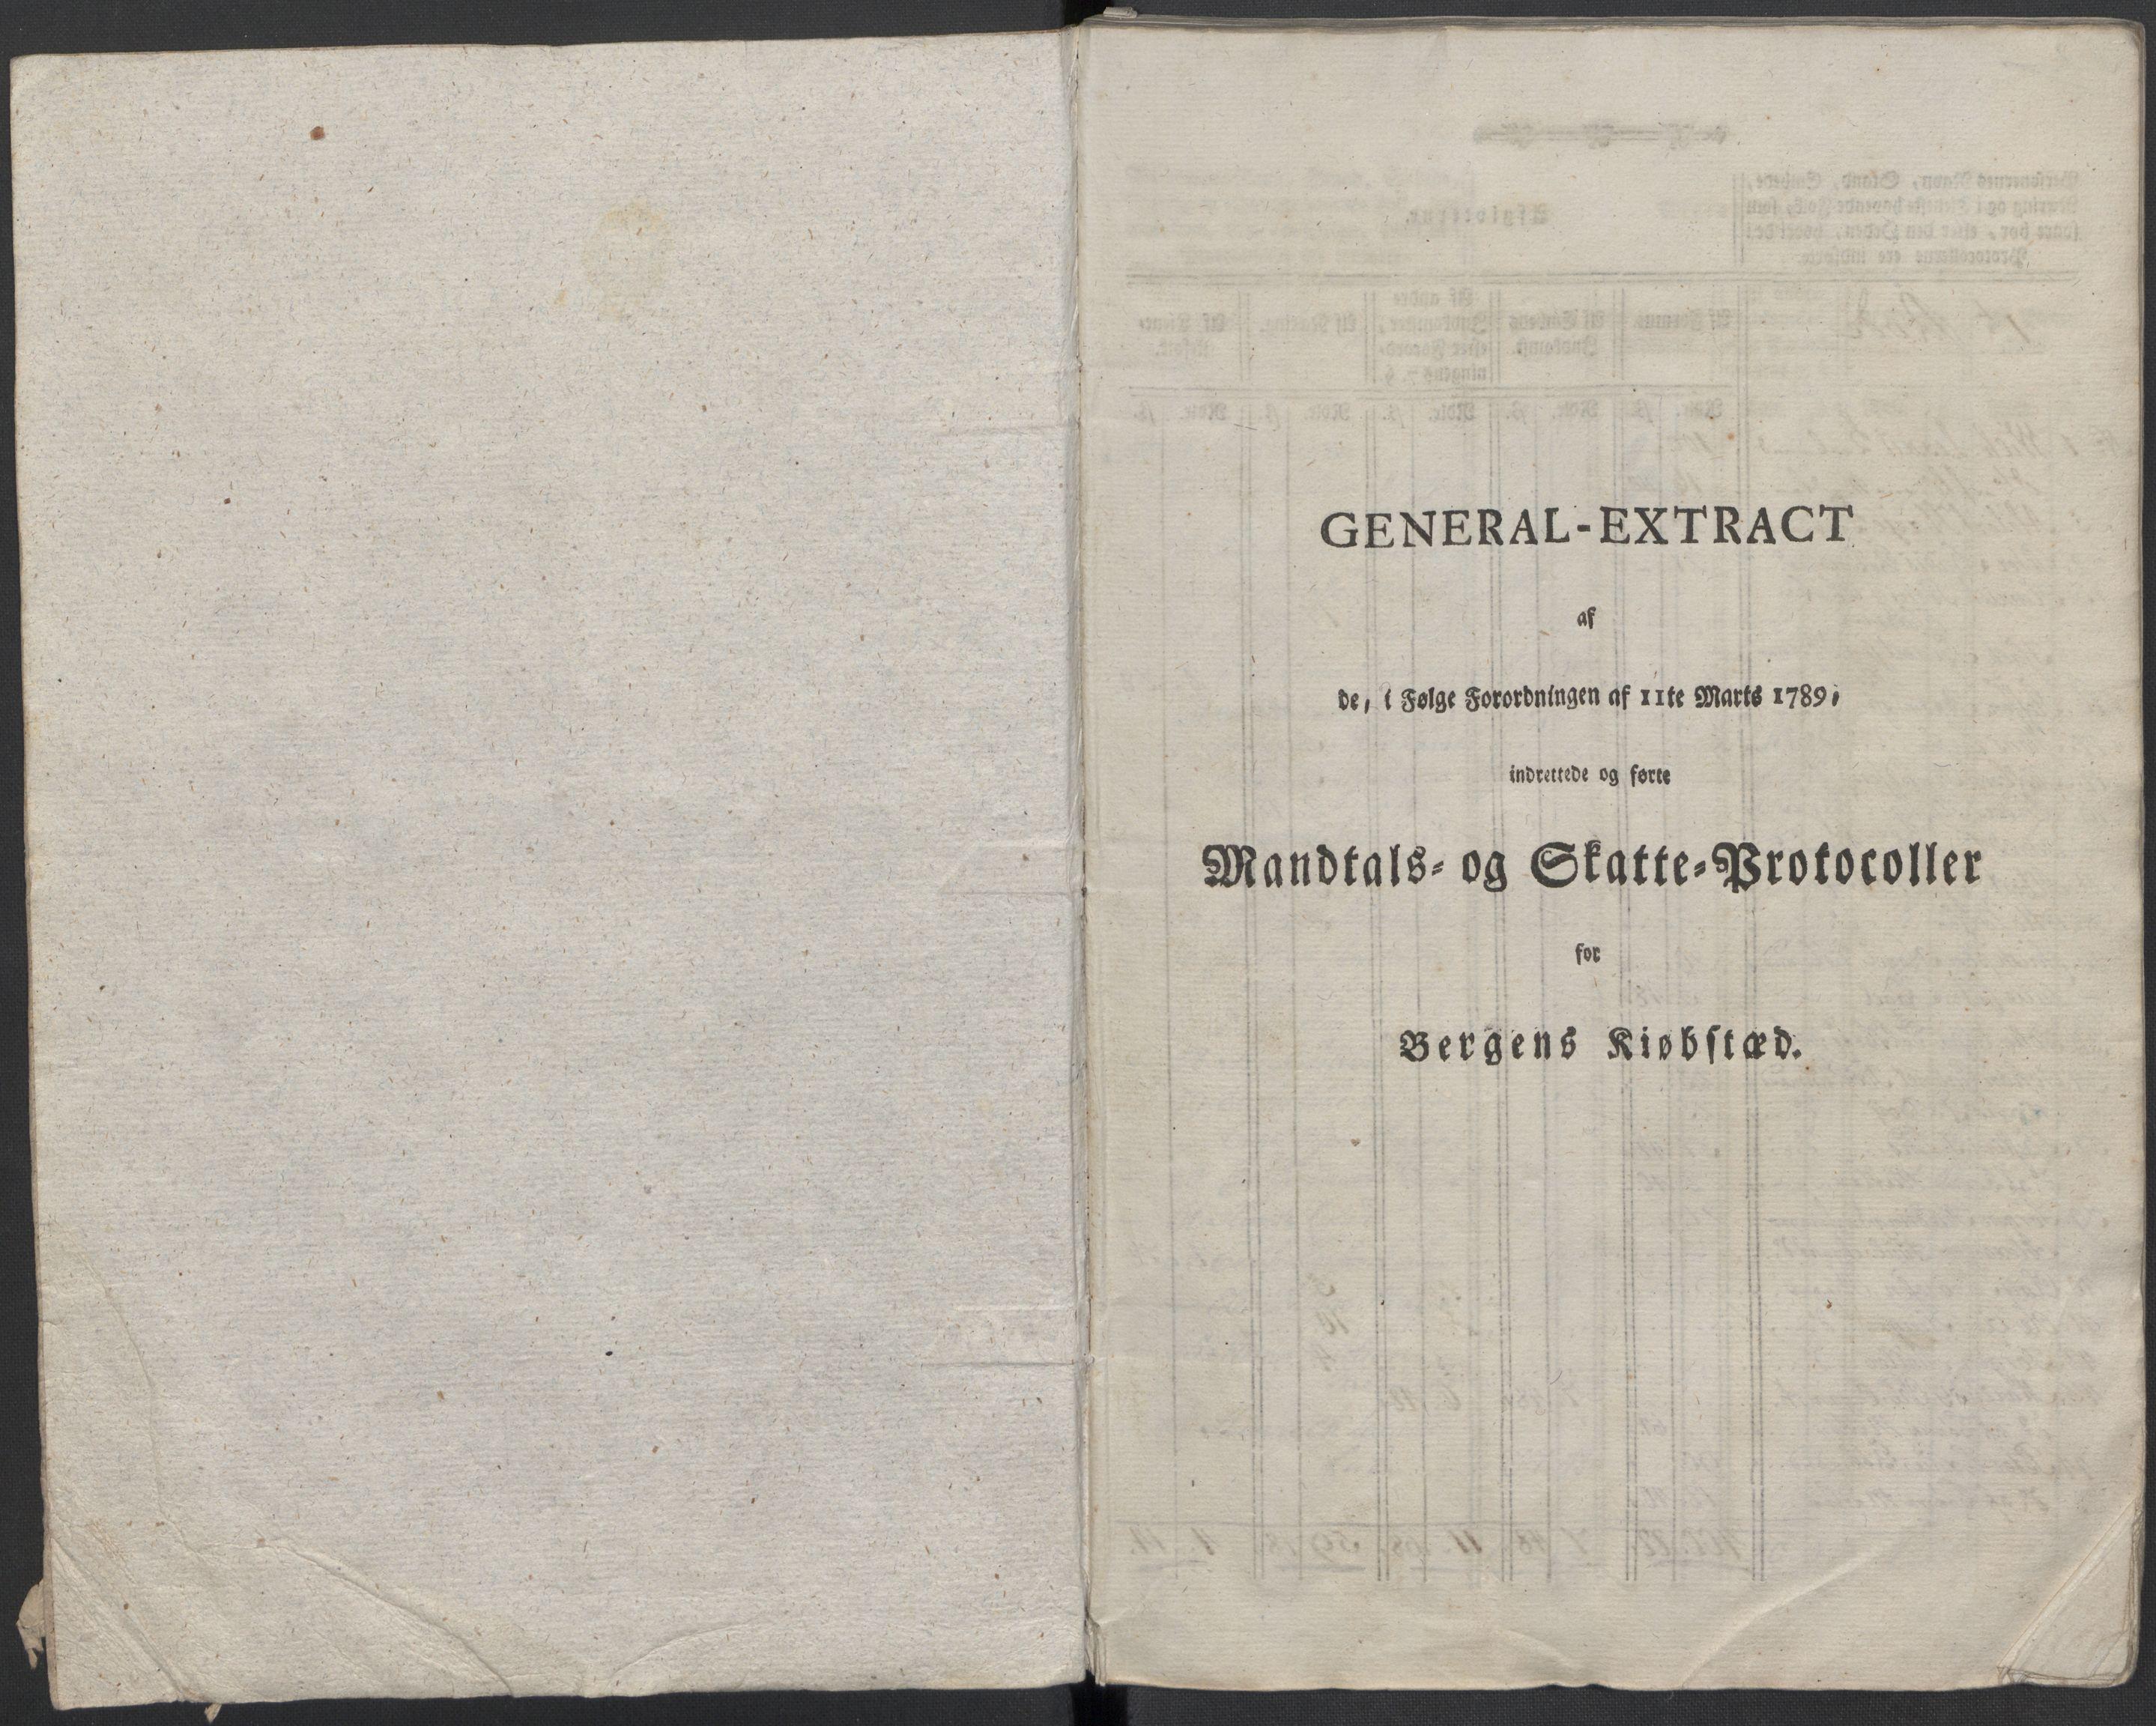 RA, Rentekammeret inntil 1814, Reviderte regnskaper, Mindre regnskaper, Rf/Rfe/L0003: Bergen. Bragernes, 1789, s. 5